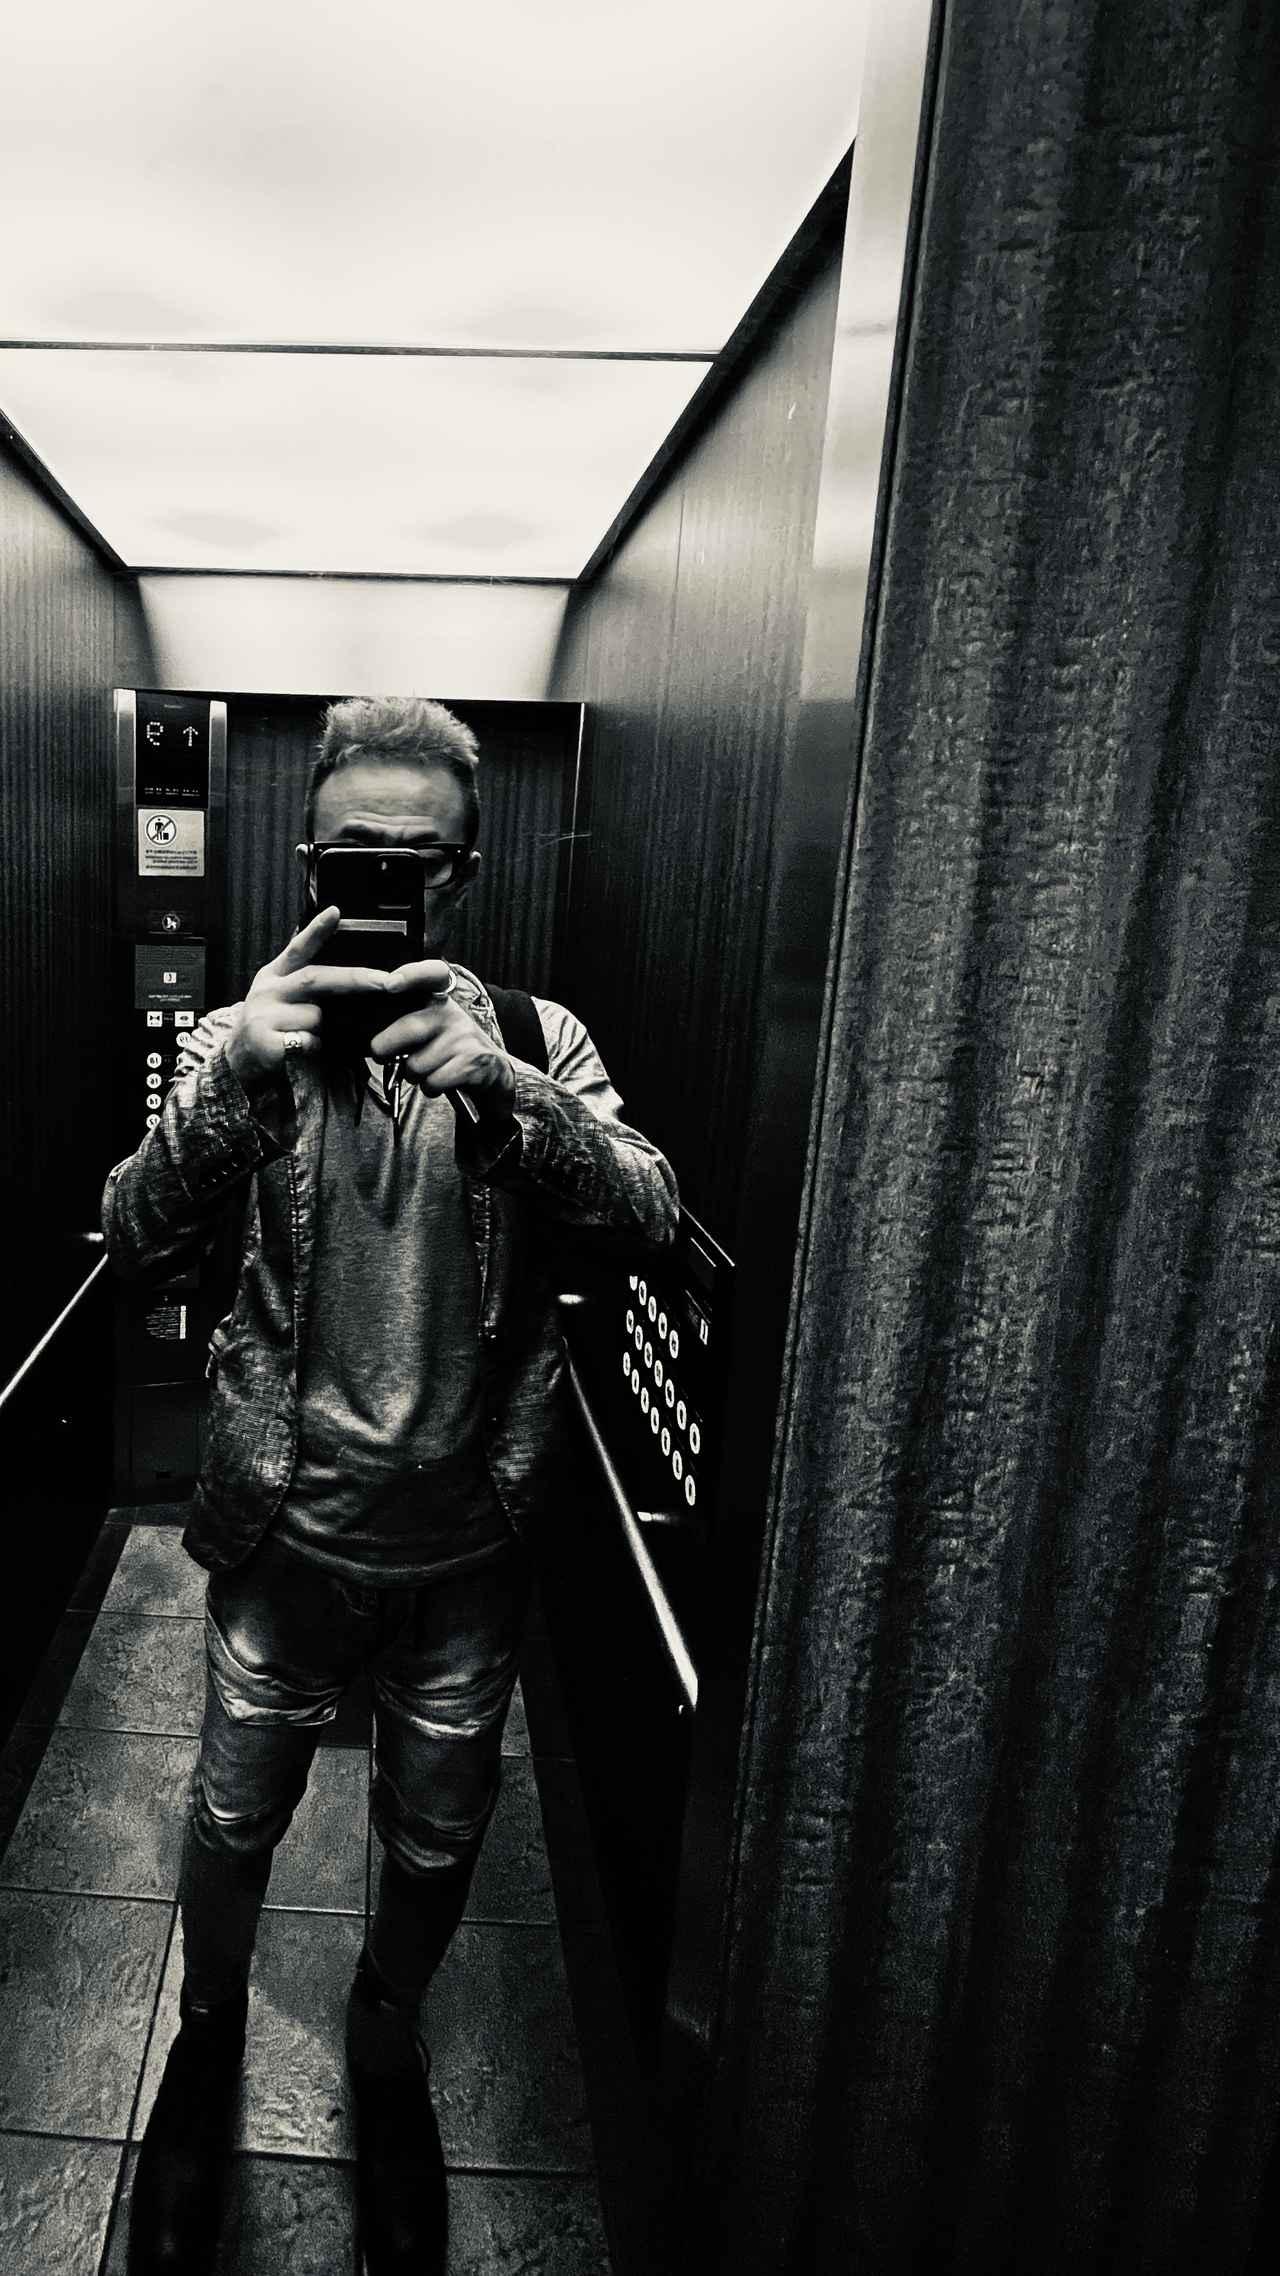 画像: 『プリズン・エスケープ 脱出への10の鍵』魔法を使えないハリー・ポッター、自作の合鍵で脱獄を図る